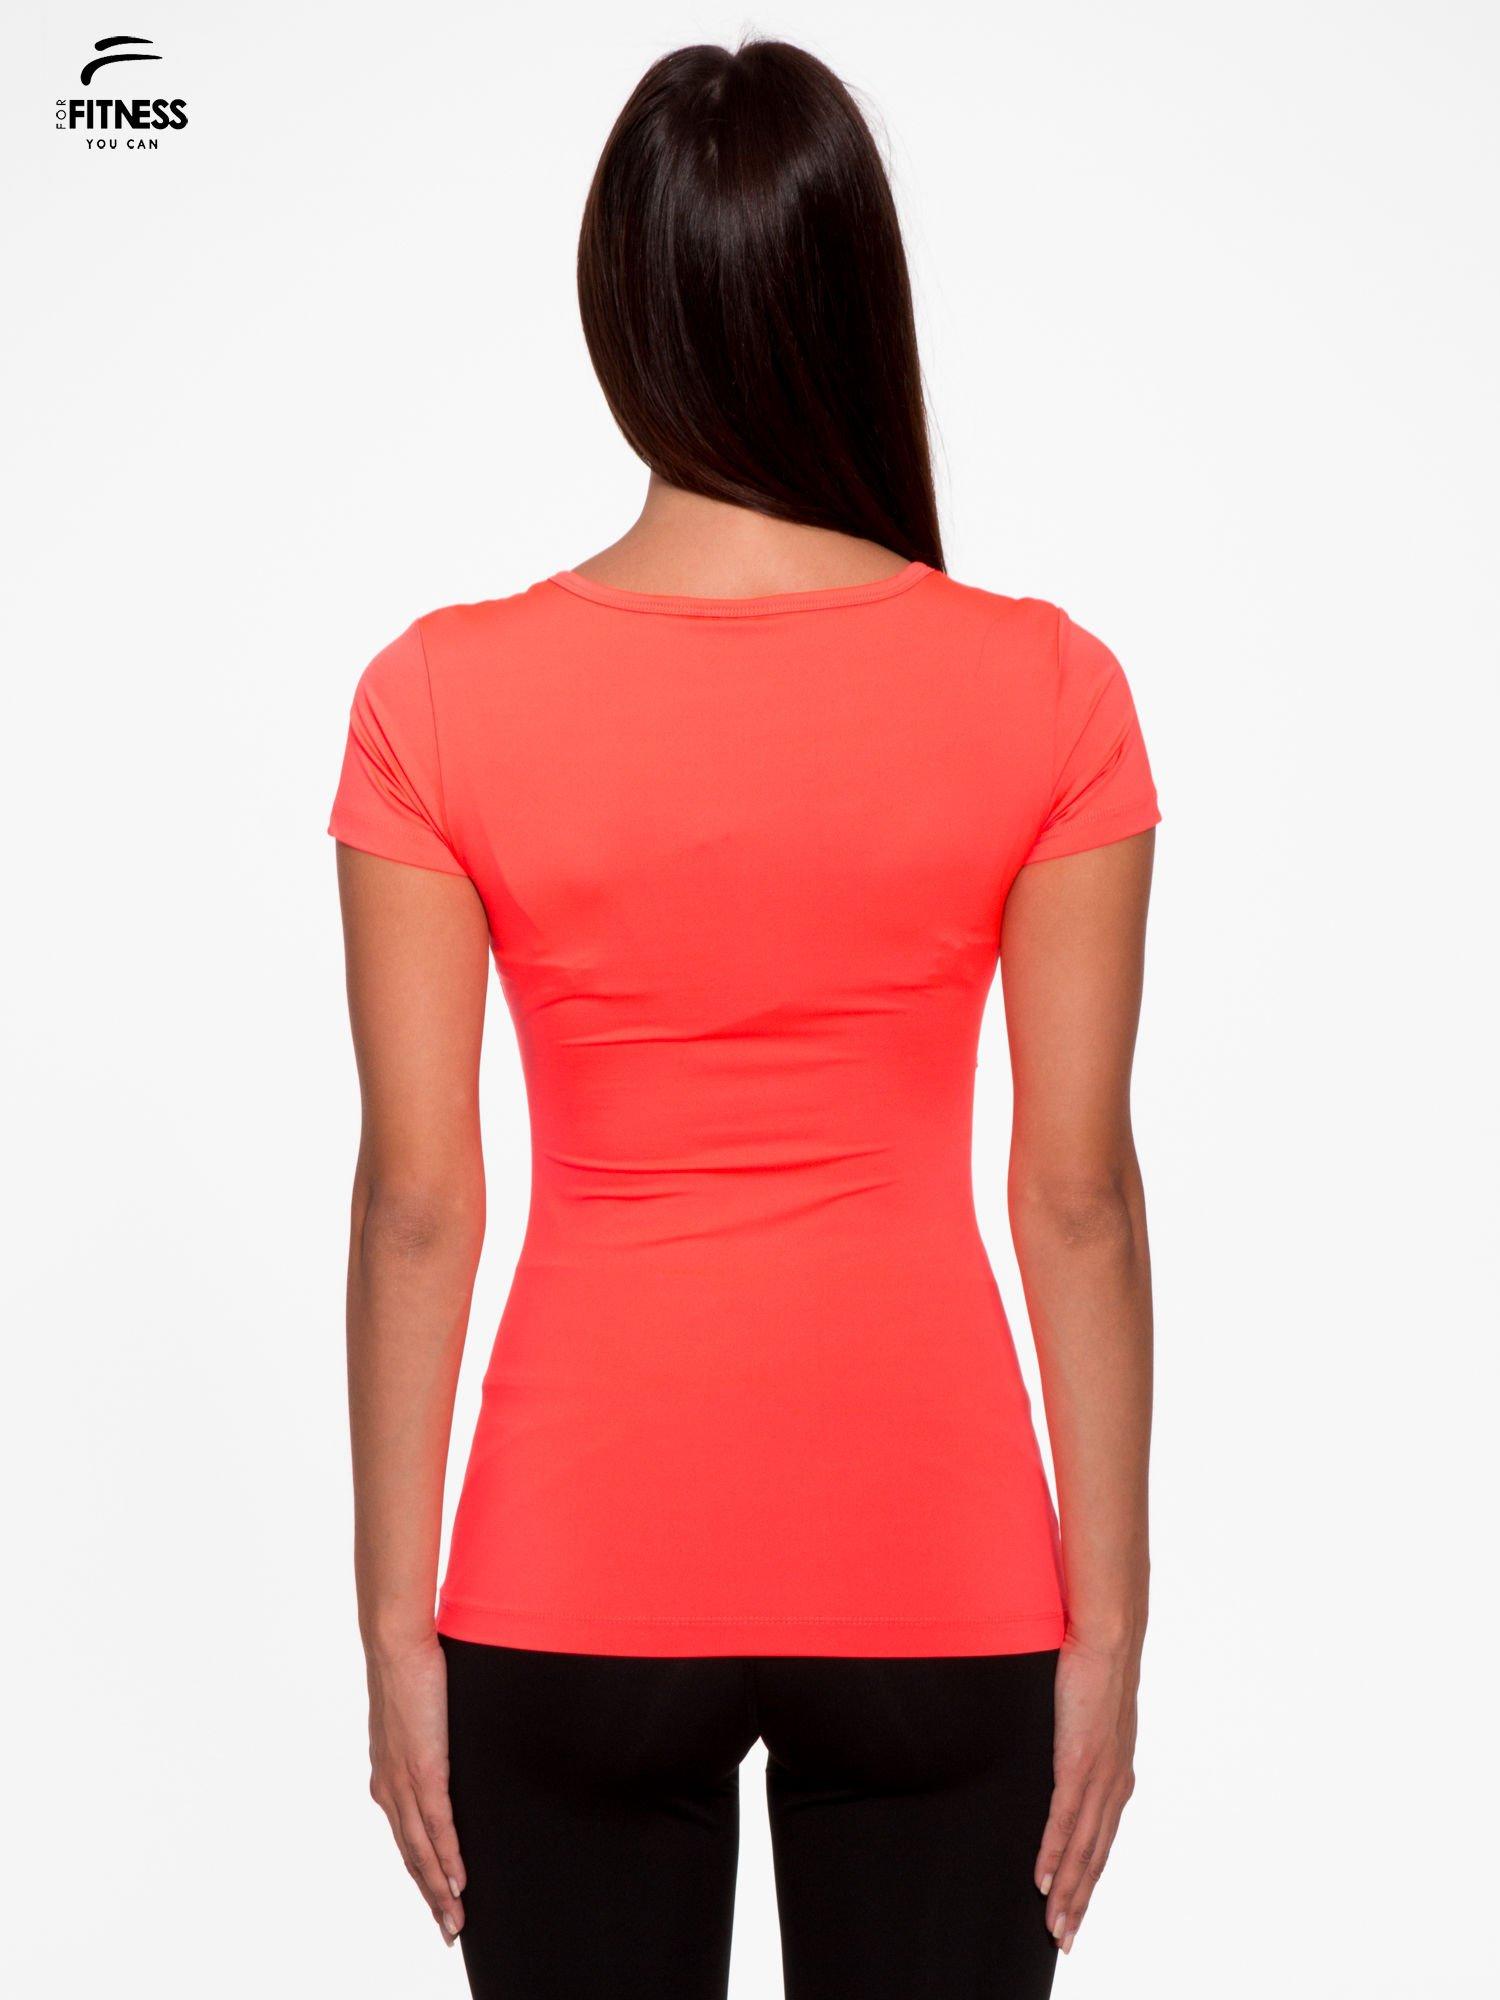 Fluoróżowy termoaktywny t-shirt sportowy z siateczką przy dekolcie ♦ Performance RUN                                  zdj.                                  4